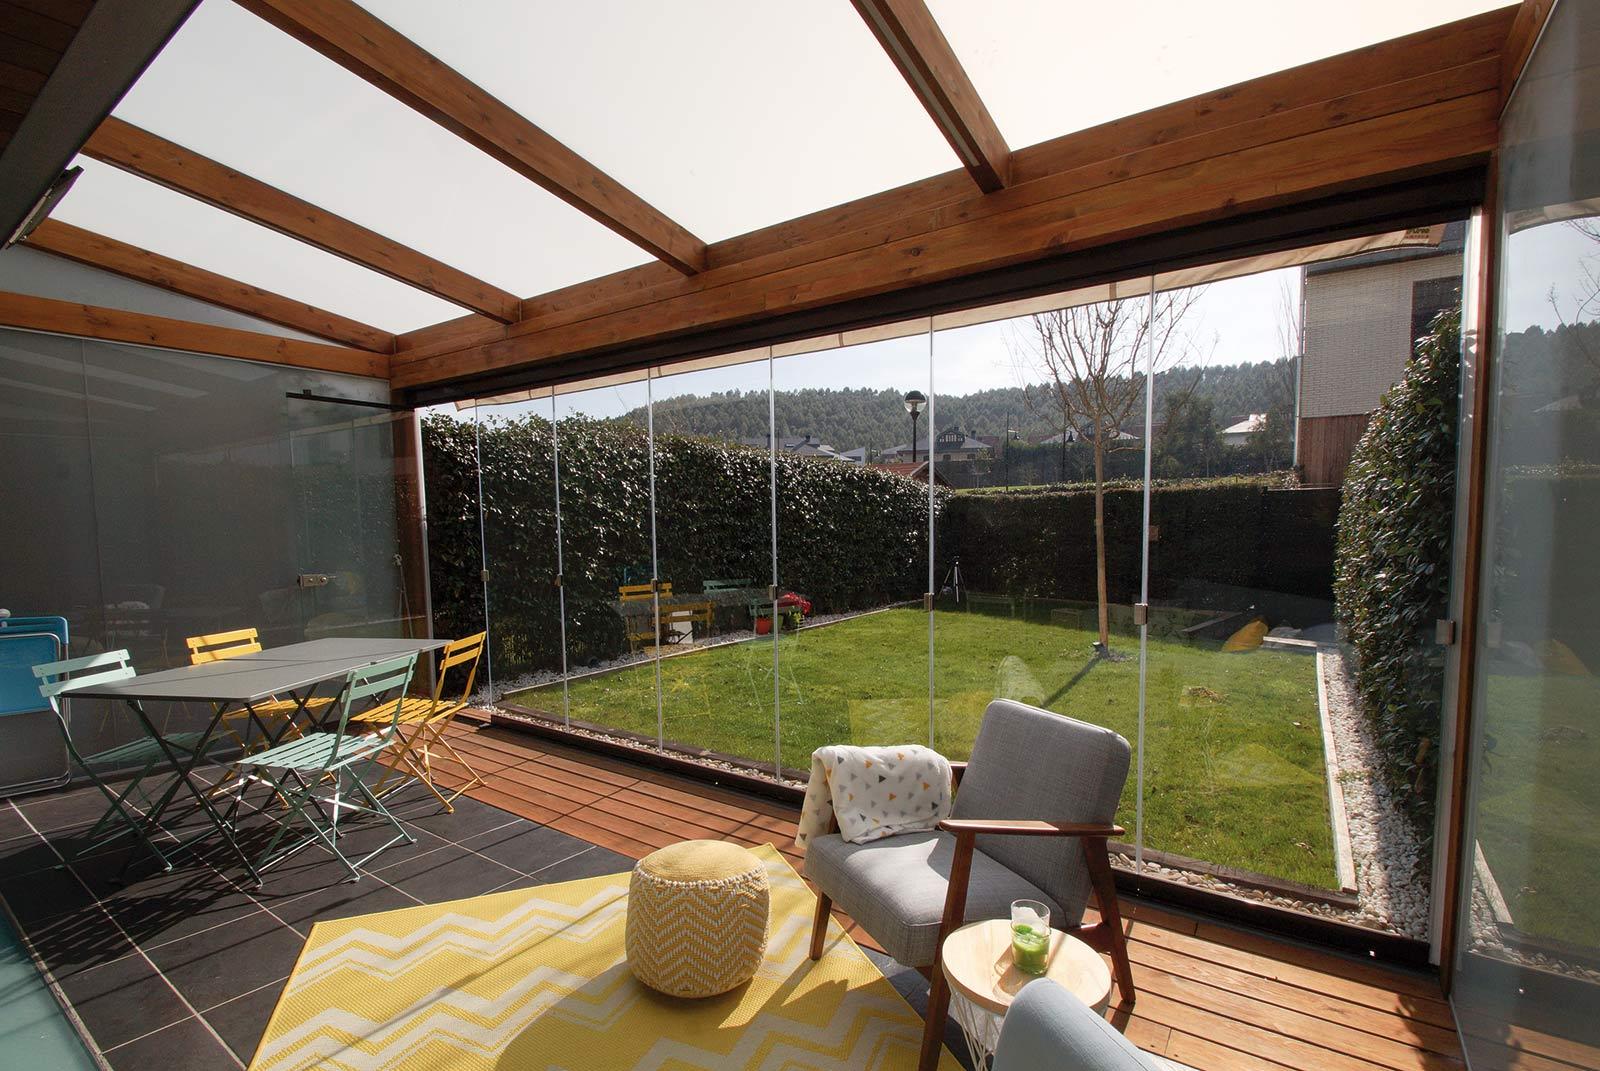 Porche de madera de estilo moderno con cortinas de cristal en jardín